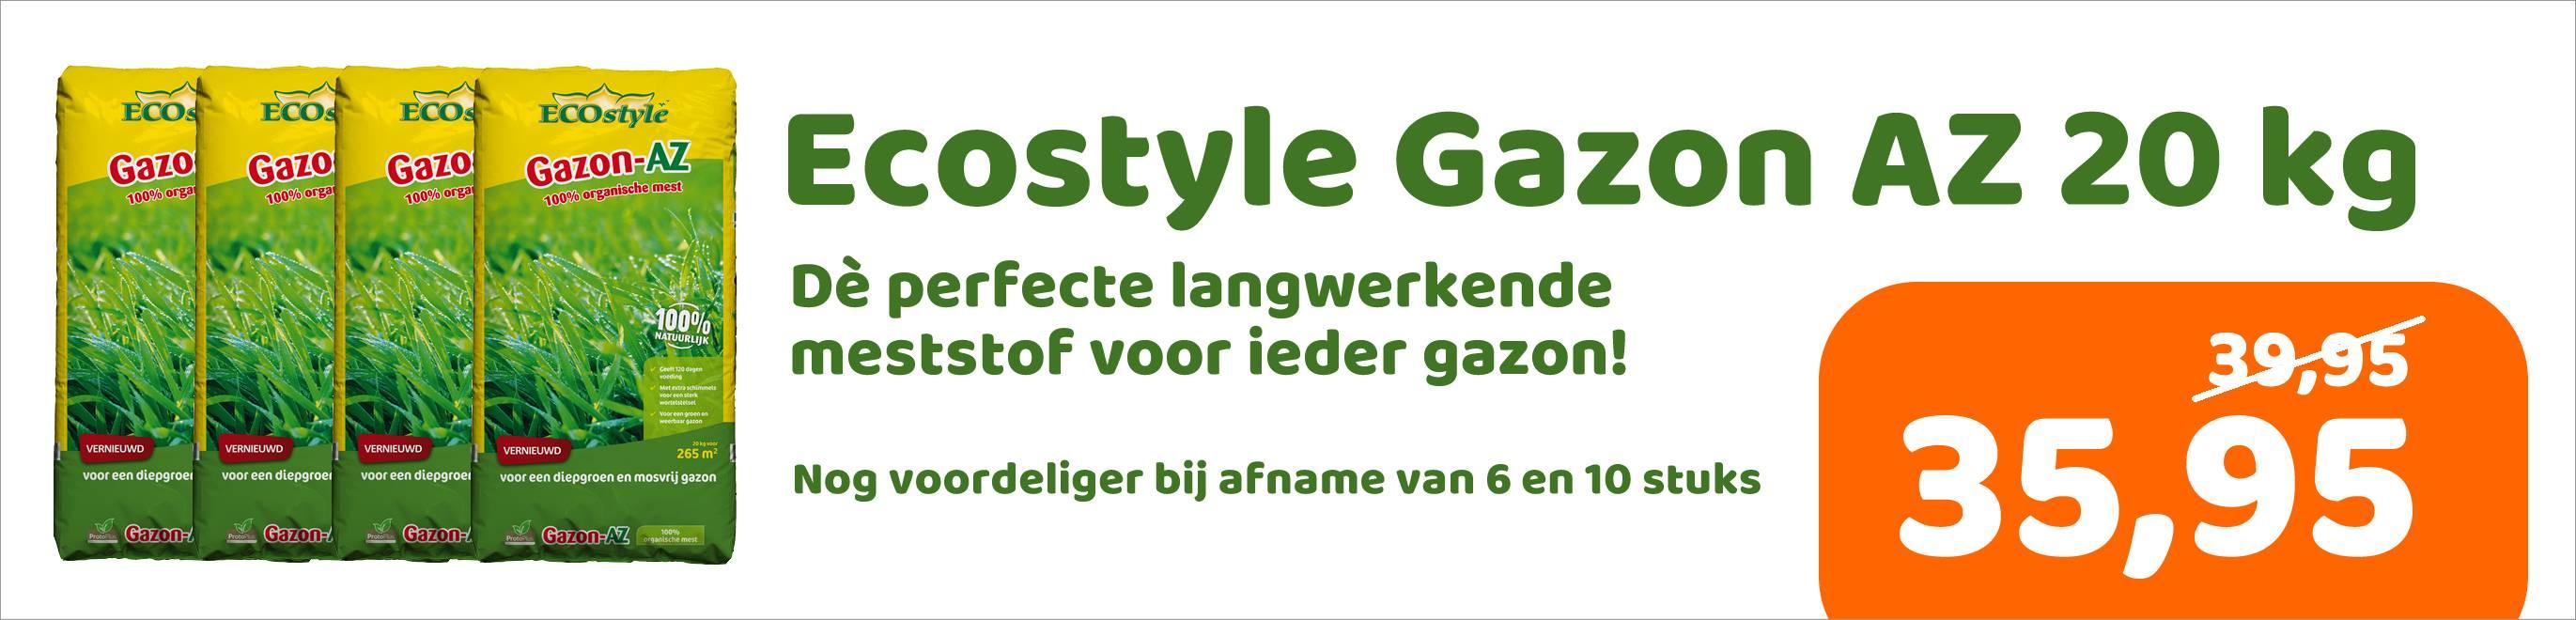 Ecostyle Gazon AZ 20 kg